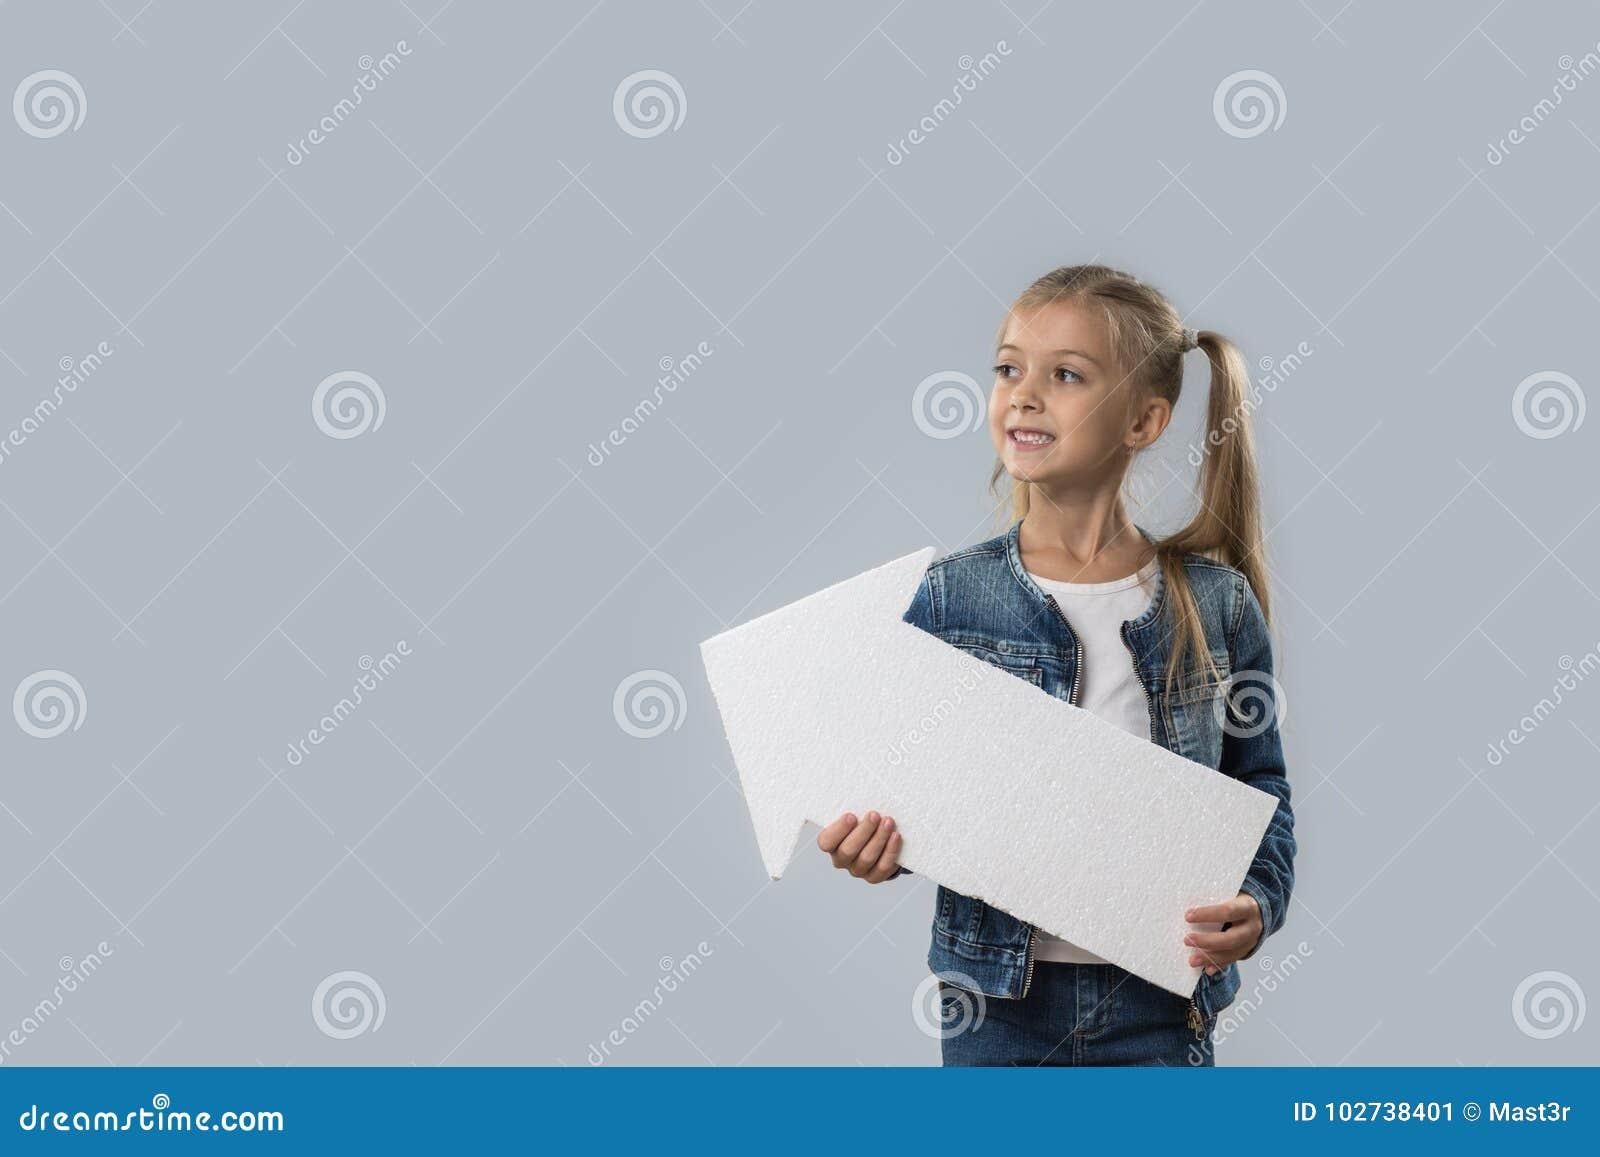 Revestimento de sorriso feliz das calças de brim do desgaste do espaço bonito da cópia da seta da posse da menina isolado